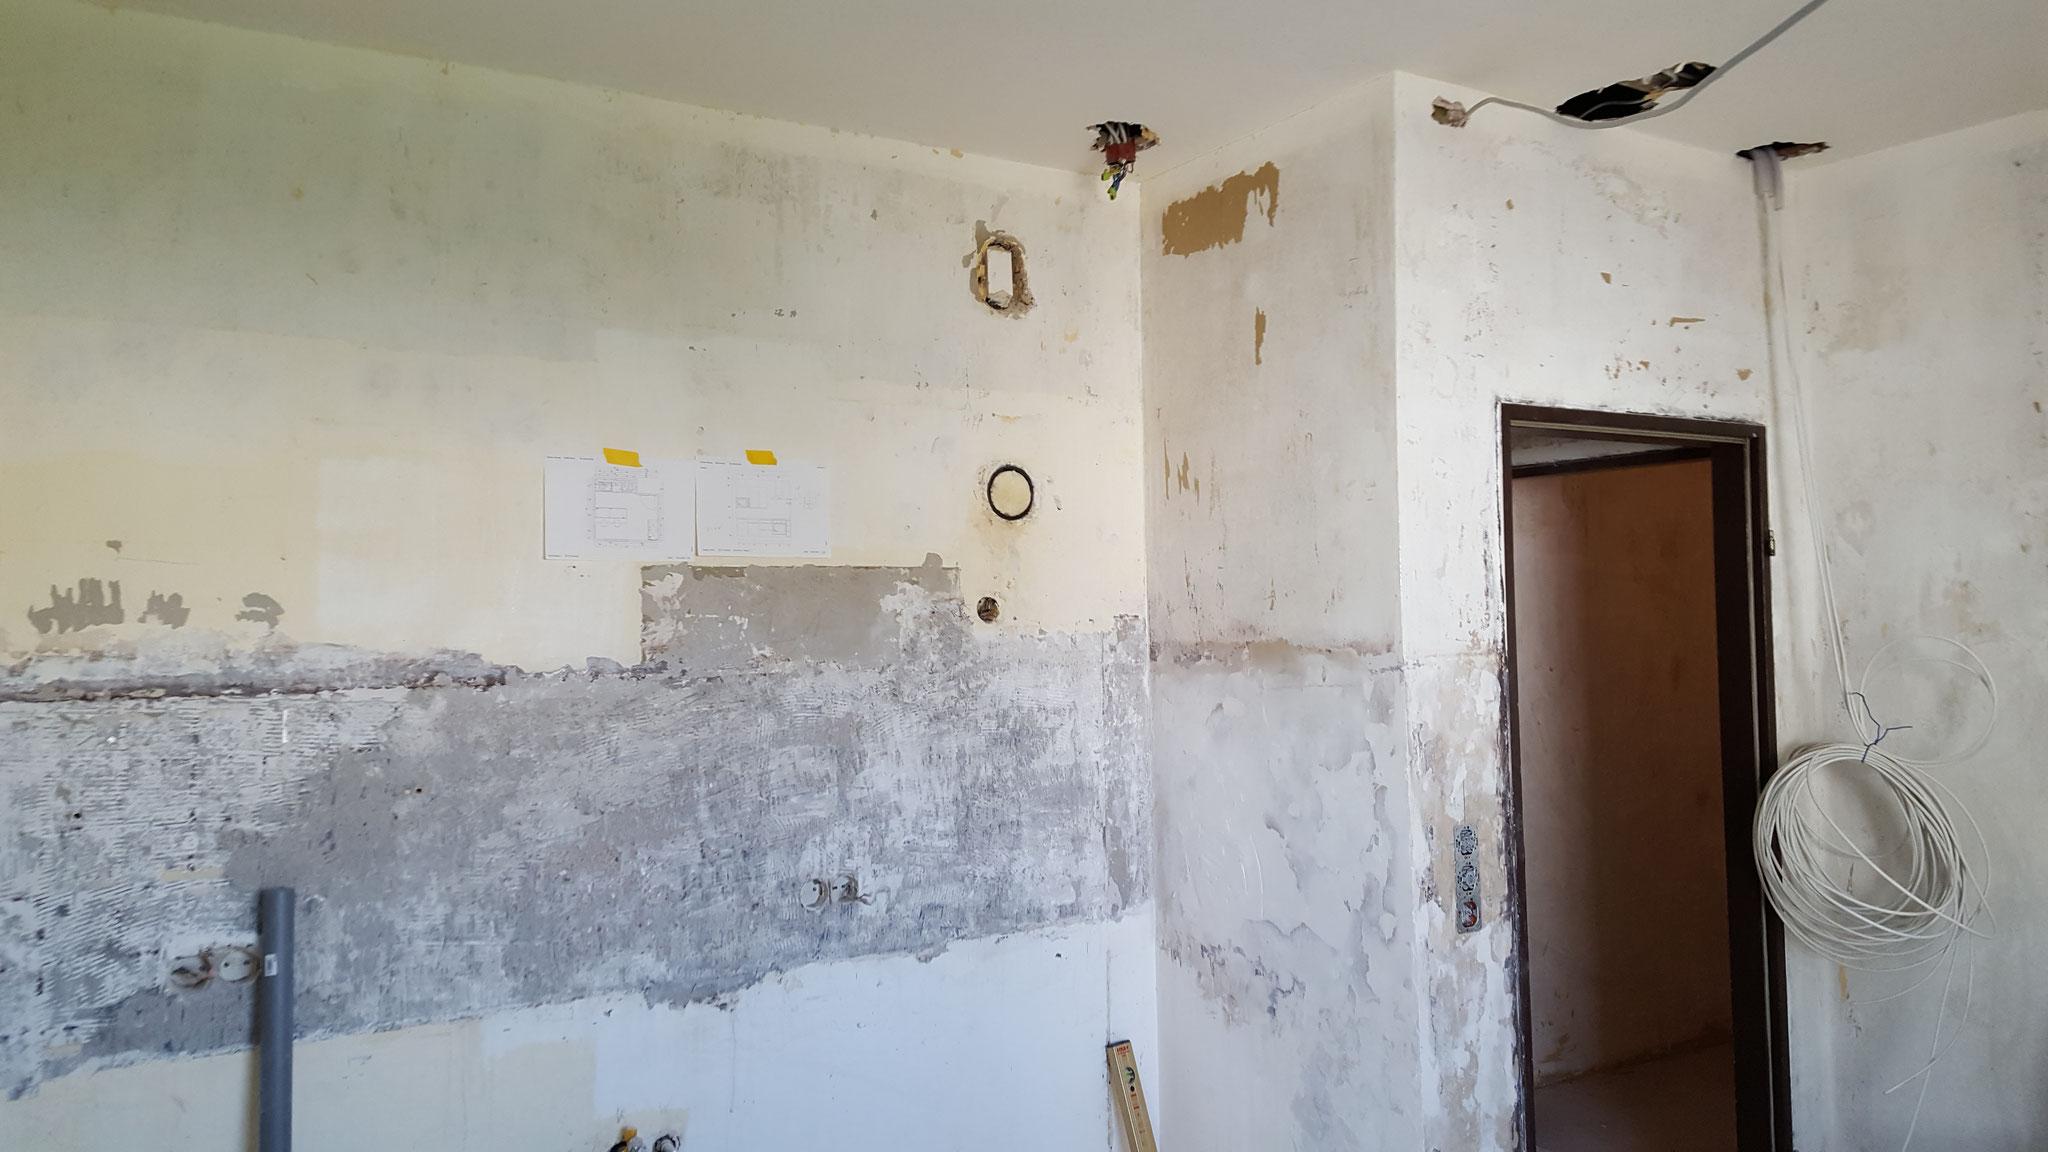 Elektrik der neuen Küche angepaßt